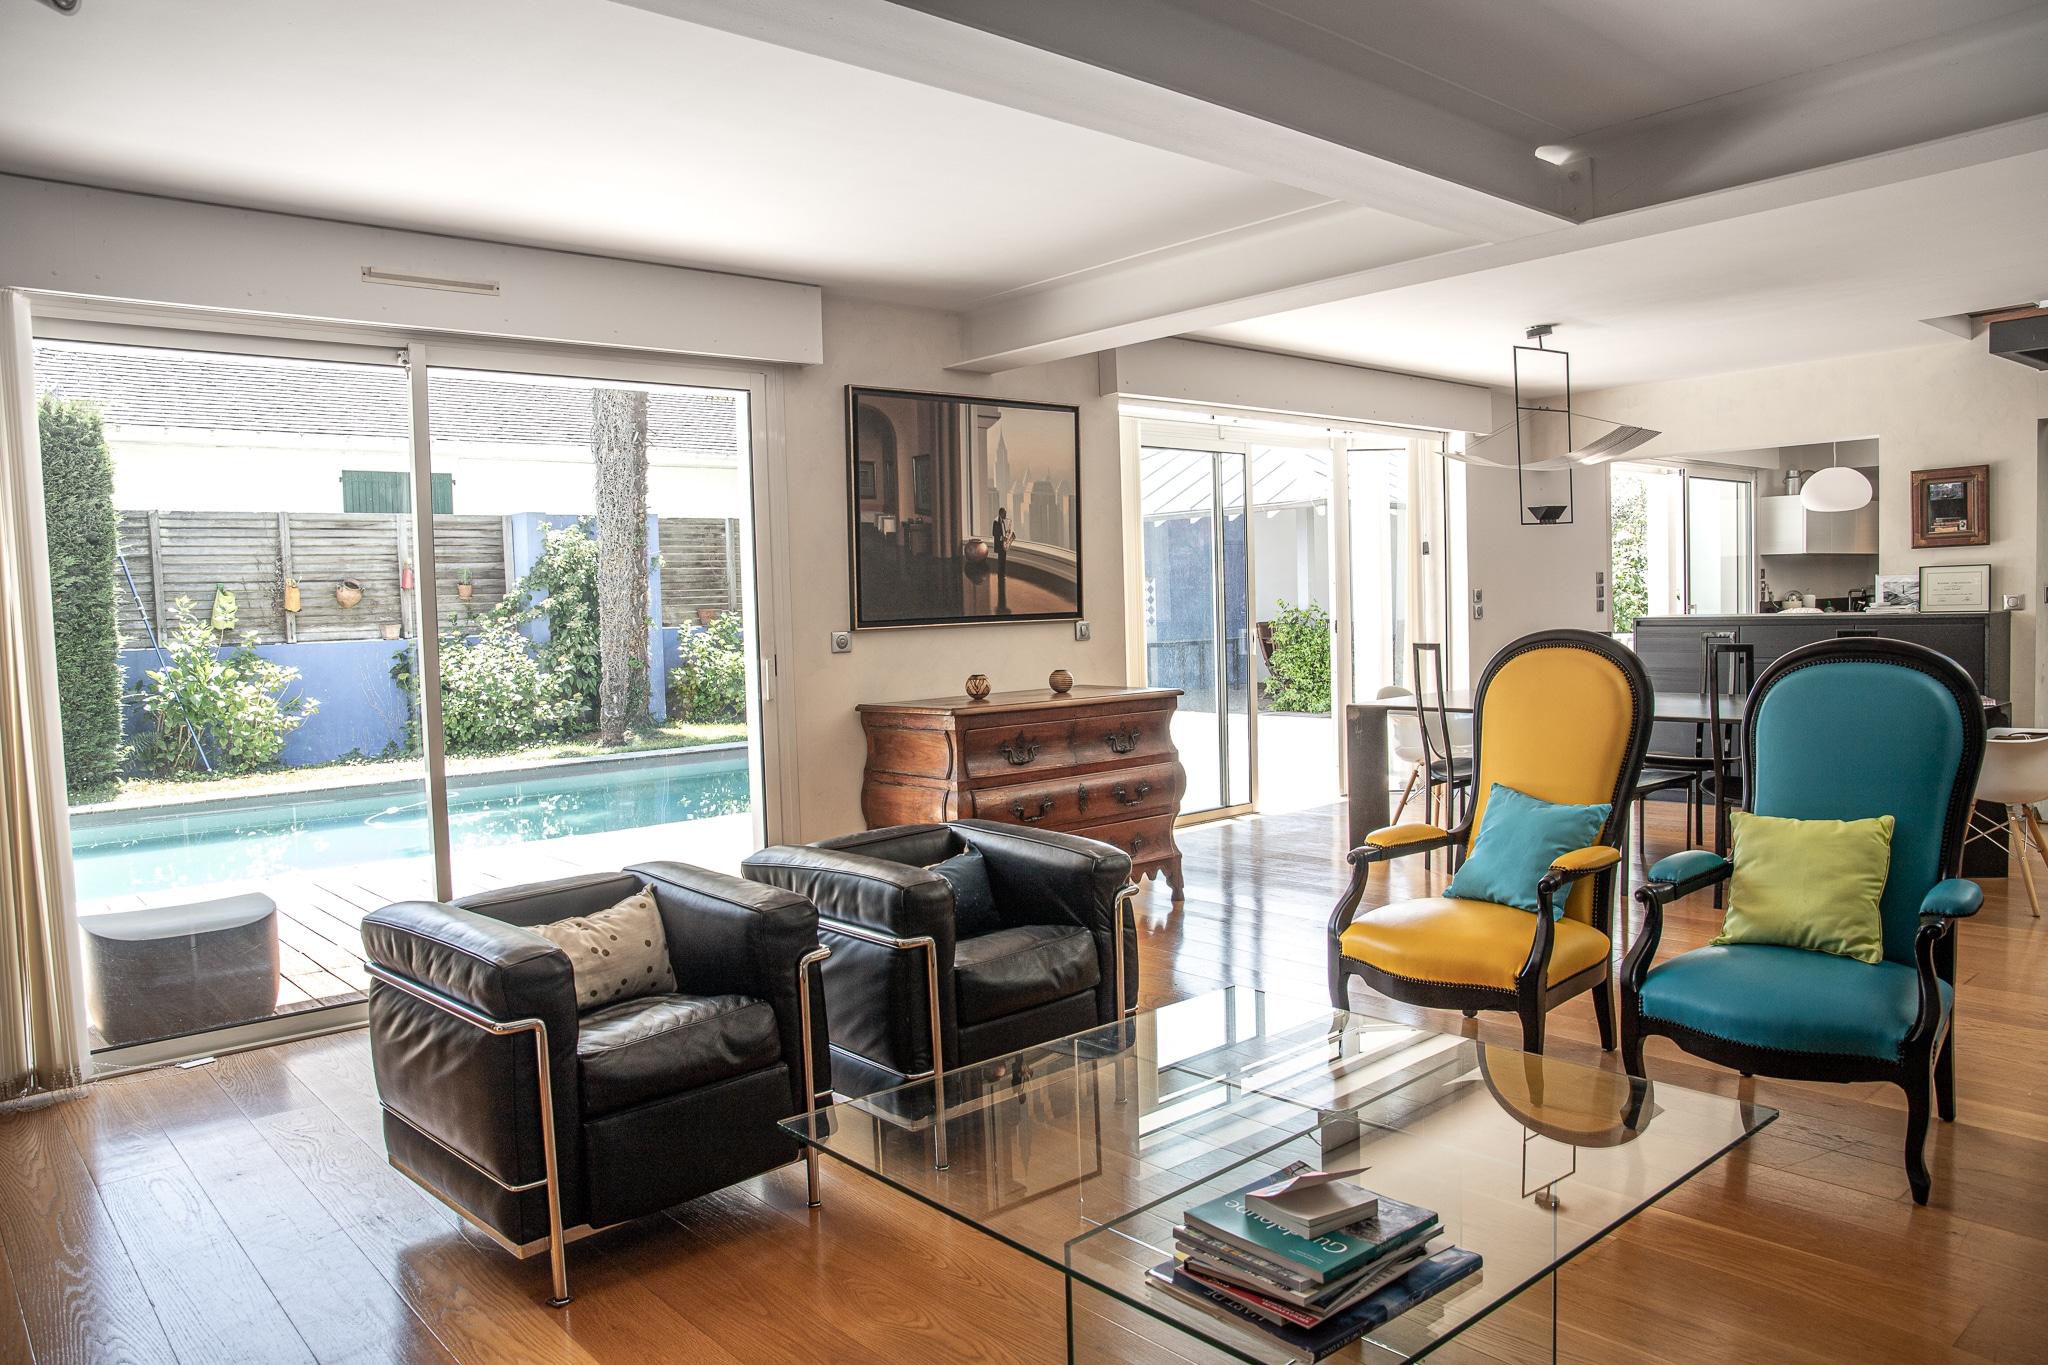 Pau Trespoey - Maison d'architecte 5 pièces 160 m² 760 000€